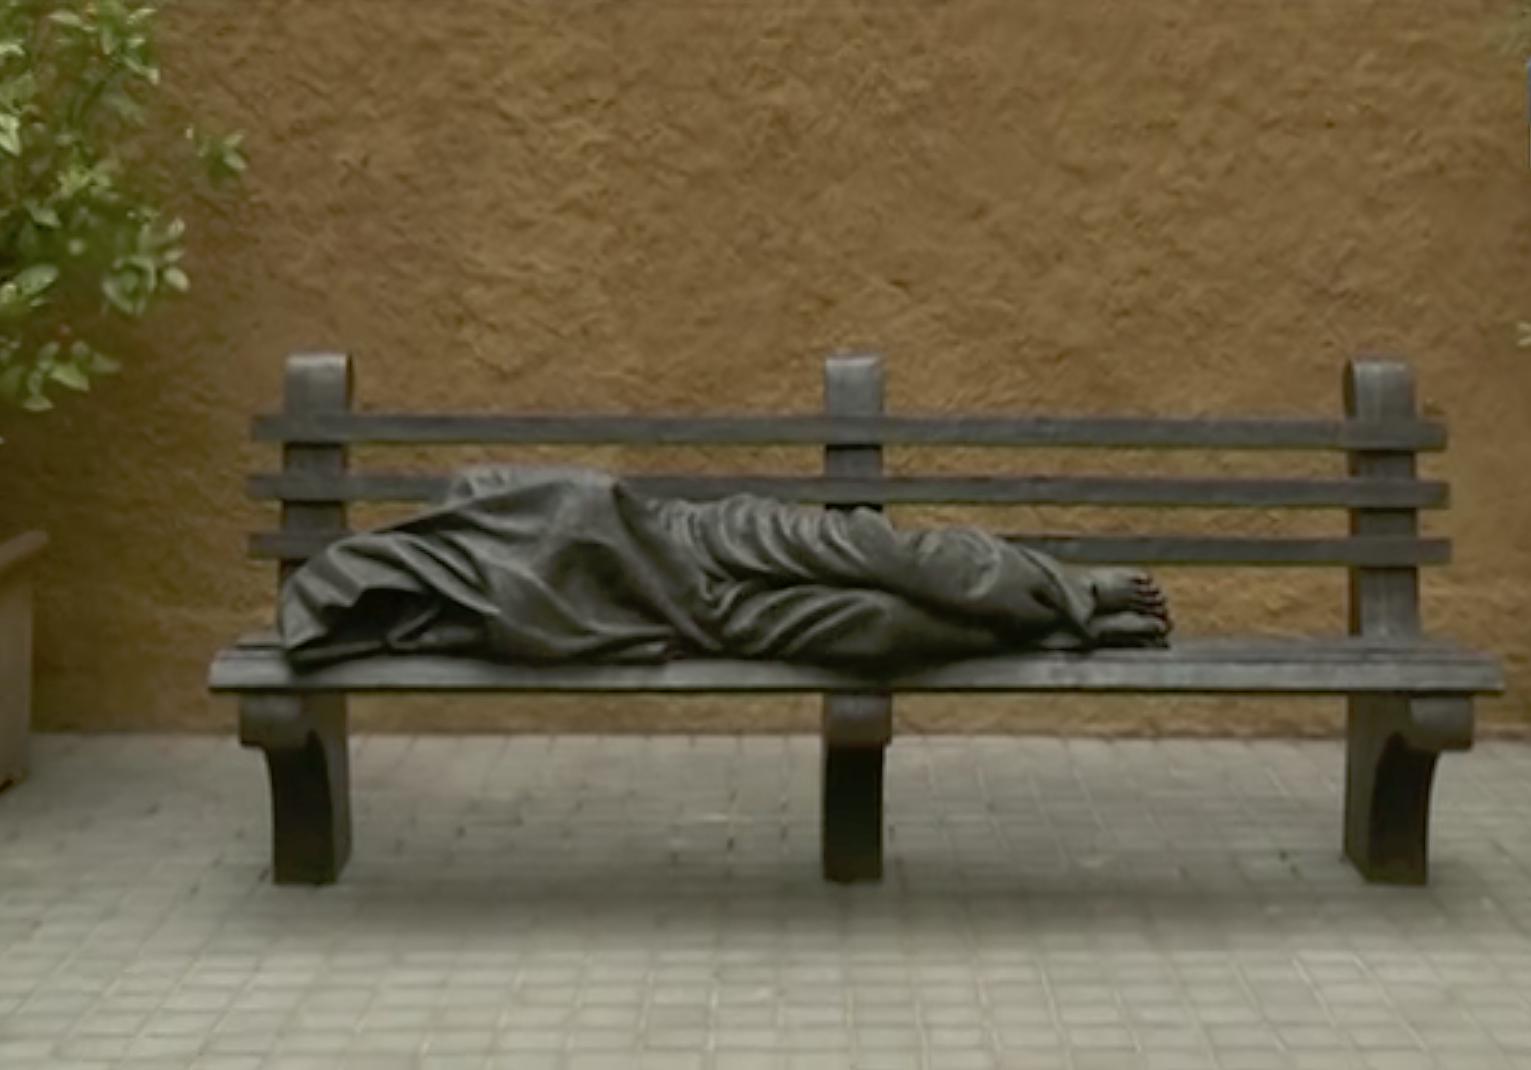 Jésus sans-abri, par Timothy Schmalz @ TV2000